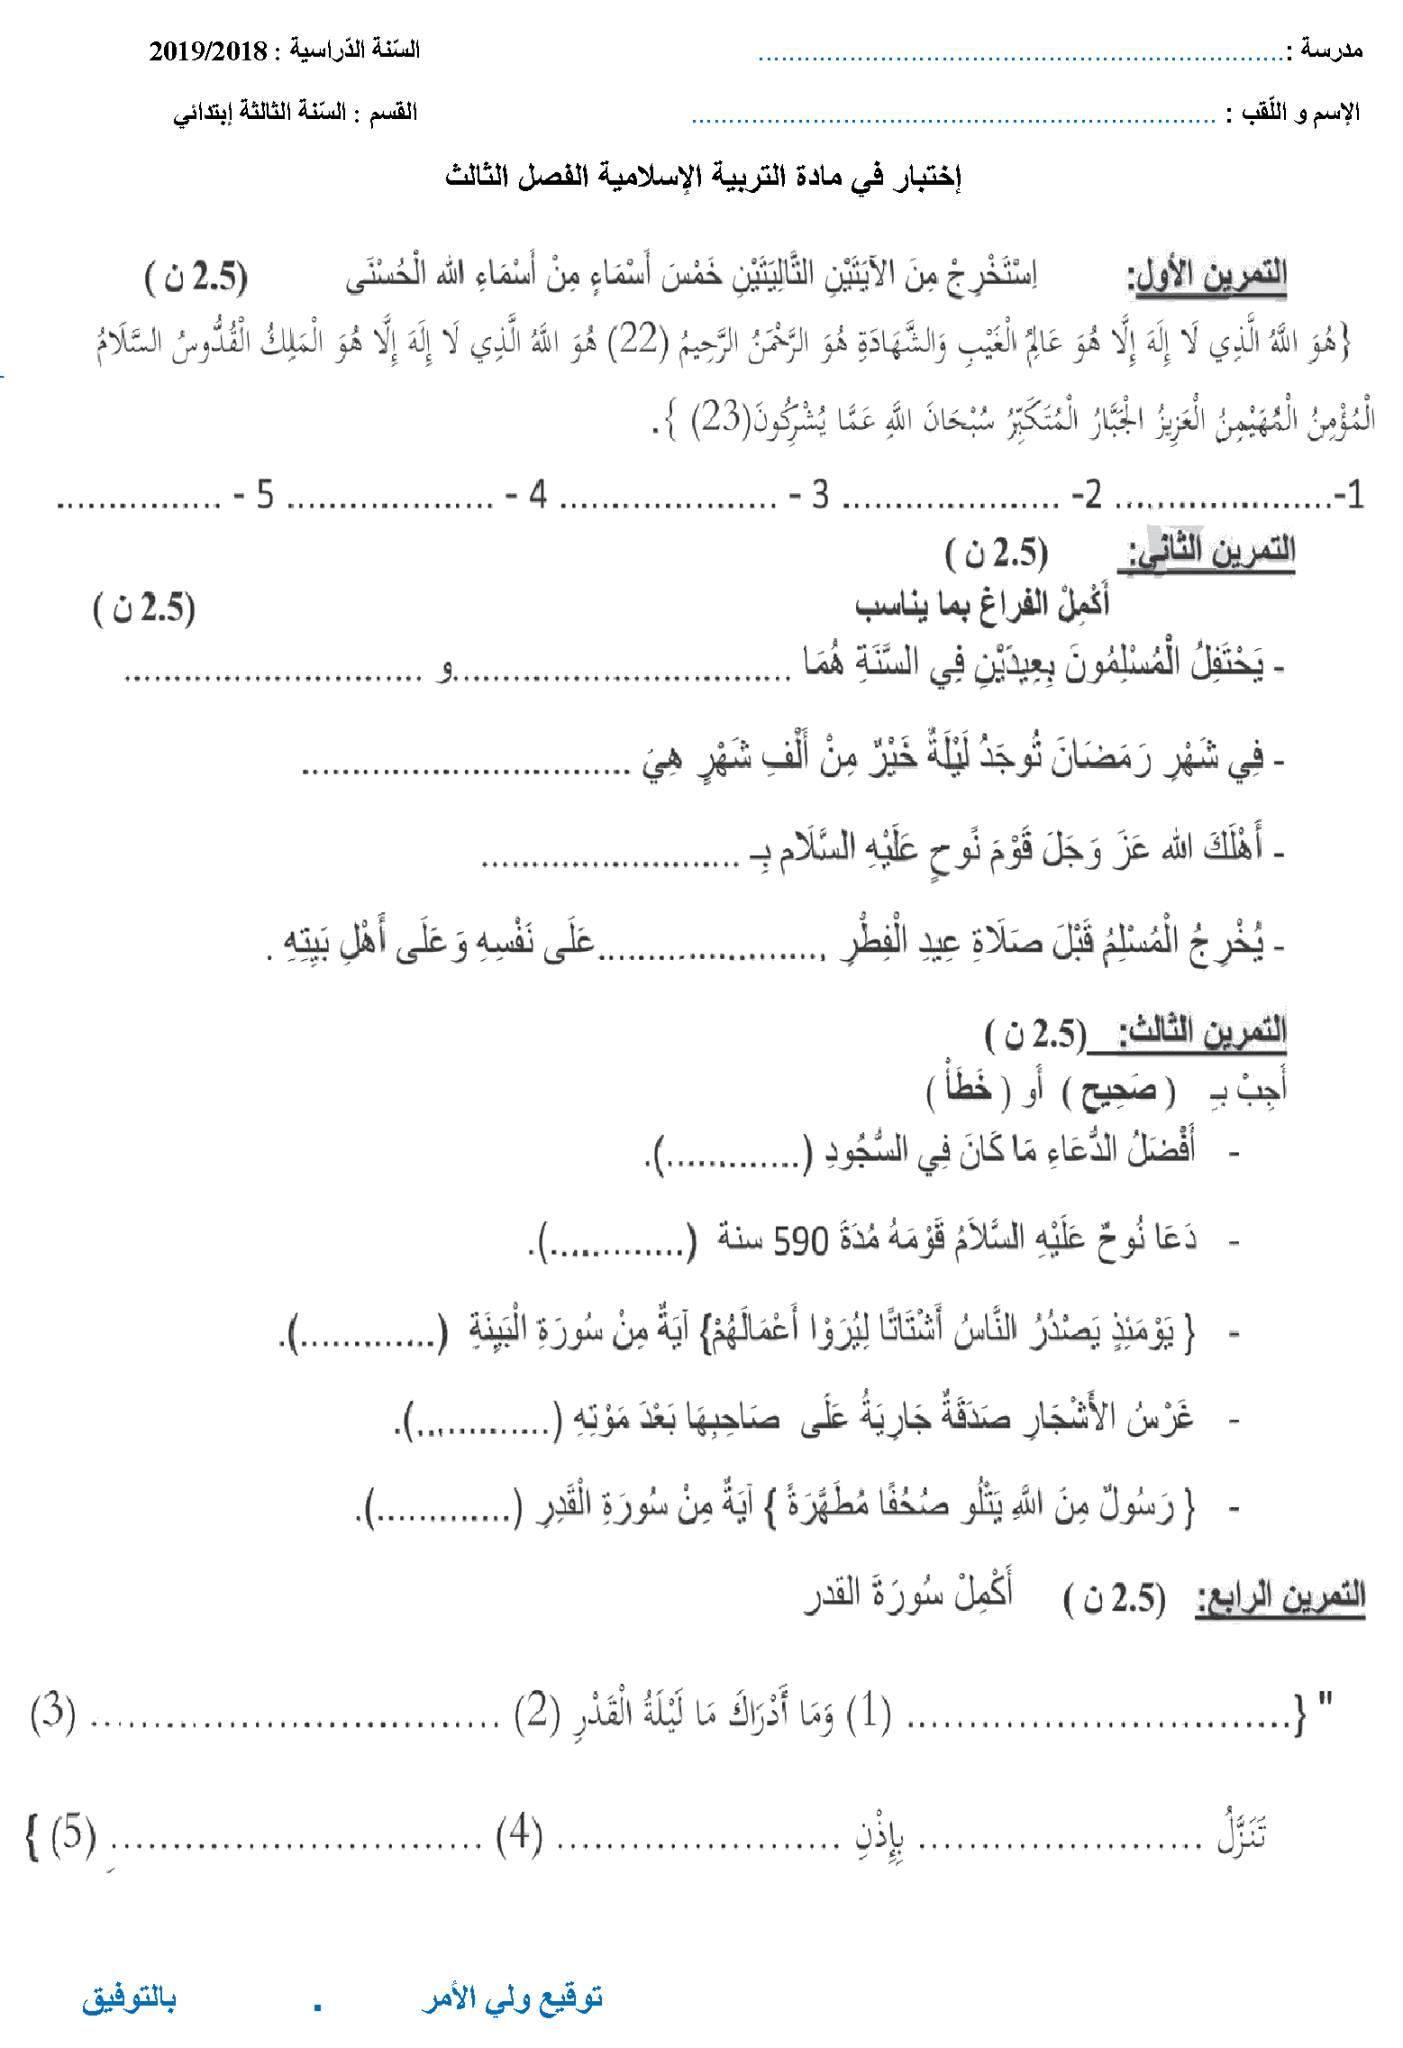 اختبار الفصل الثالث في التربية الاسلامية   السنة الثالثة ابتدائي   الموضوع 01